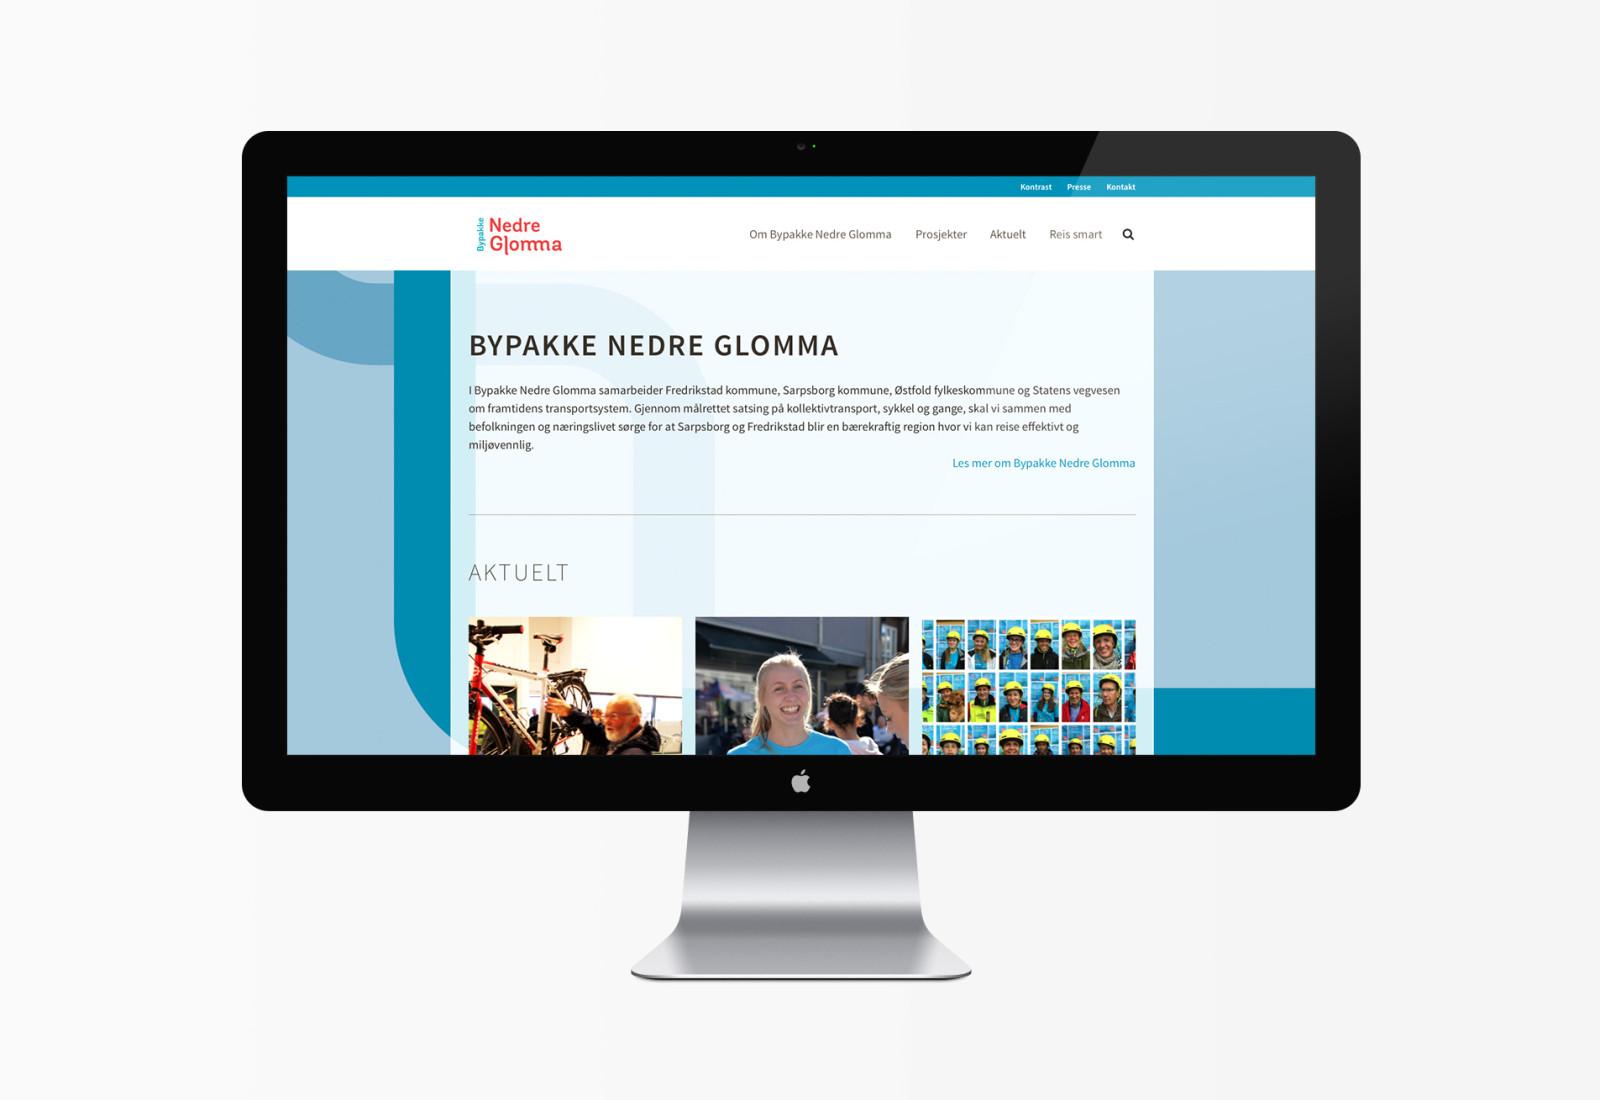 Desktopbilde av bypakkenedreglomma.no